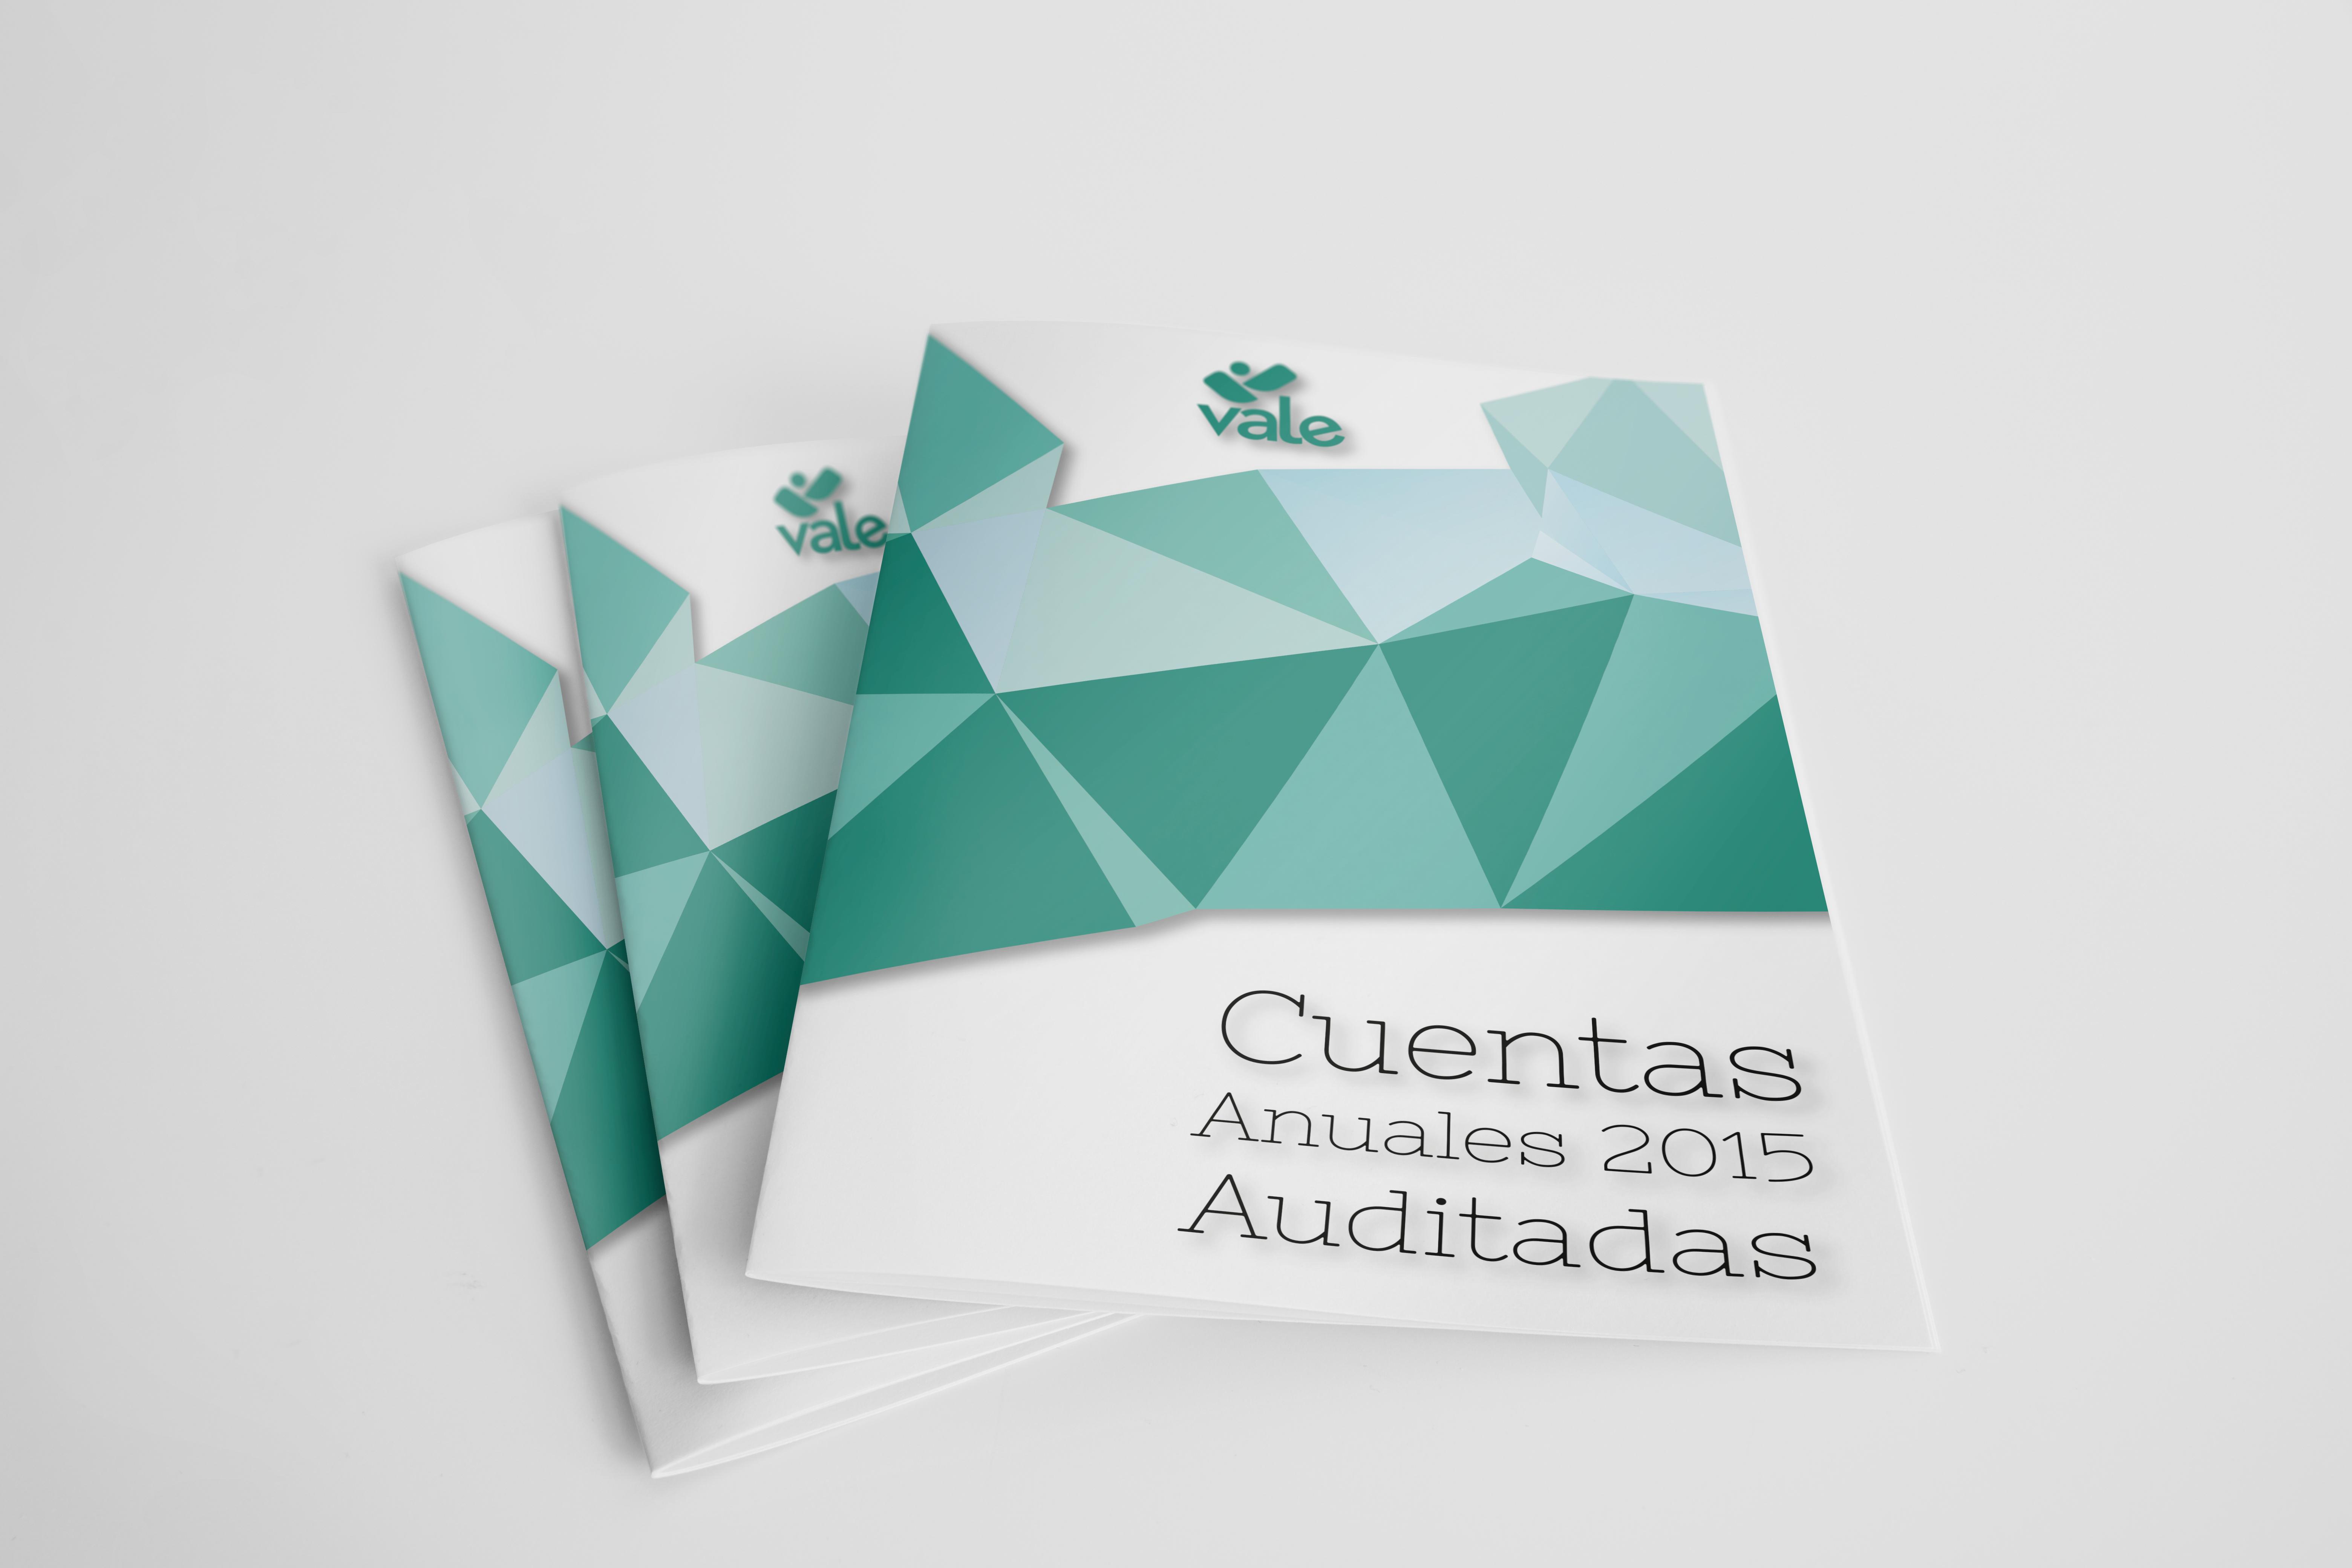 Cuentas anuales 2015 auditadas